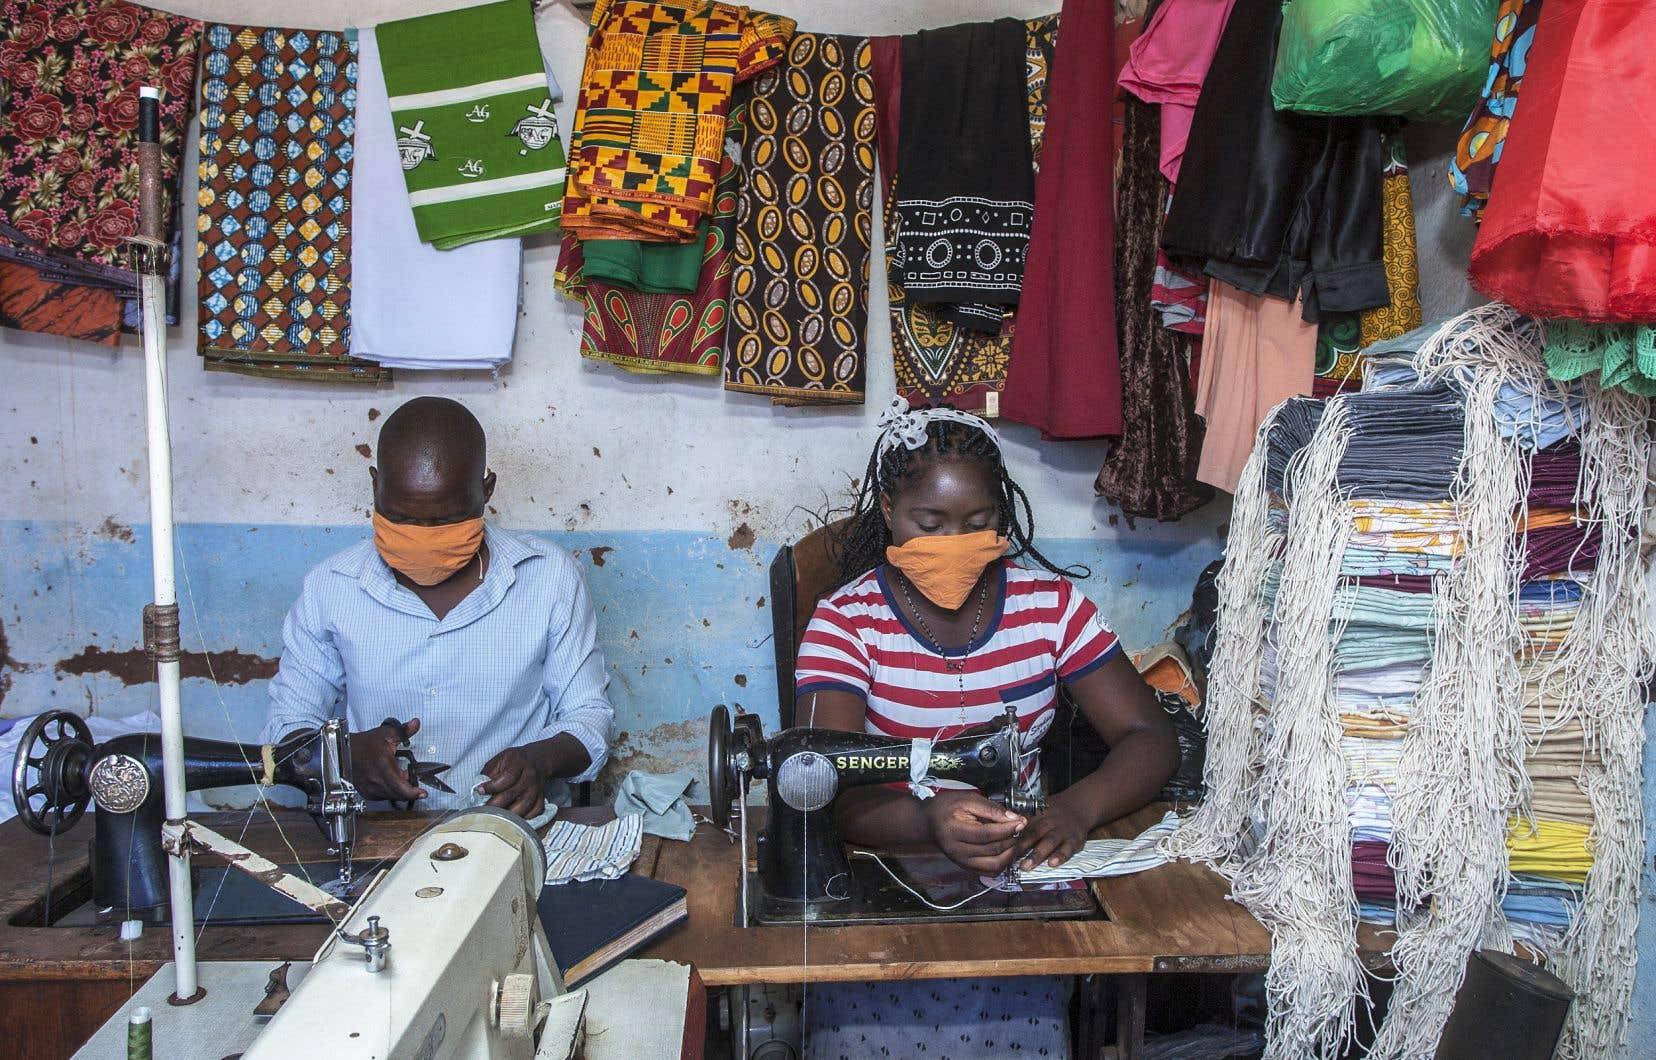 À Lilongwe, la capitale du Malawi, la plupart des gens vivent du commerce informel et de petits boulots qui nécessitent de pouvoir se déplacer.